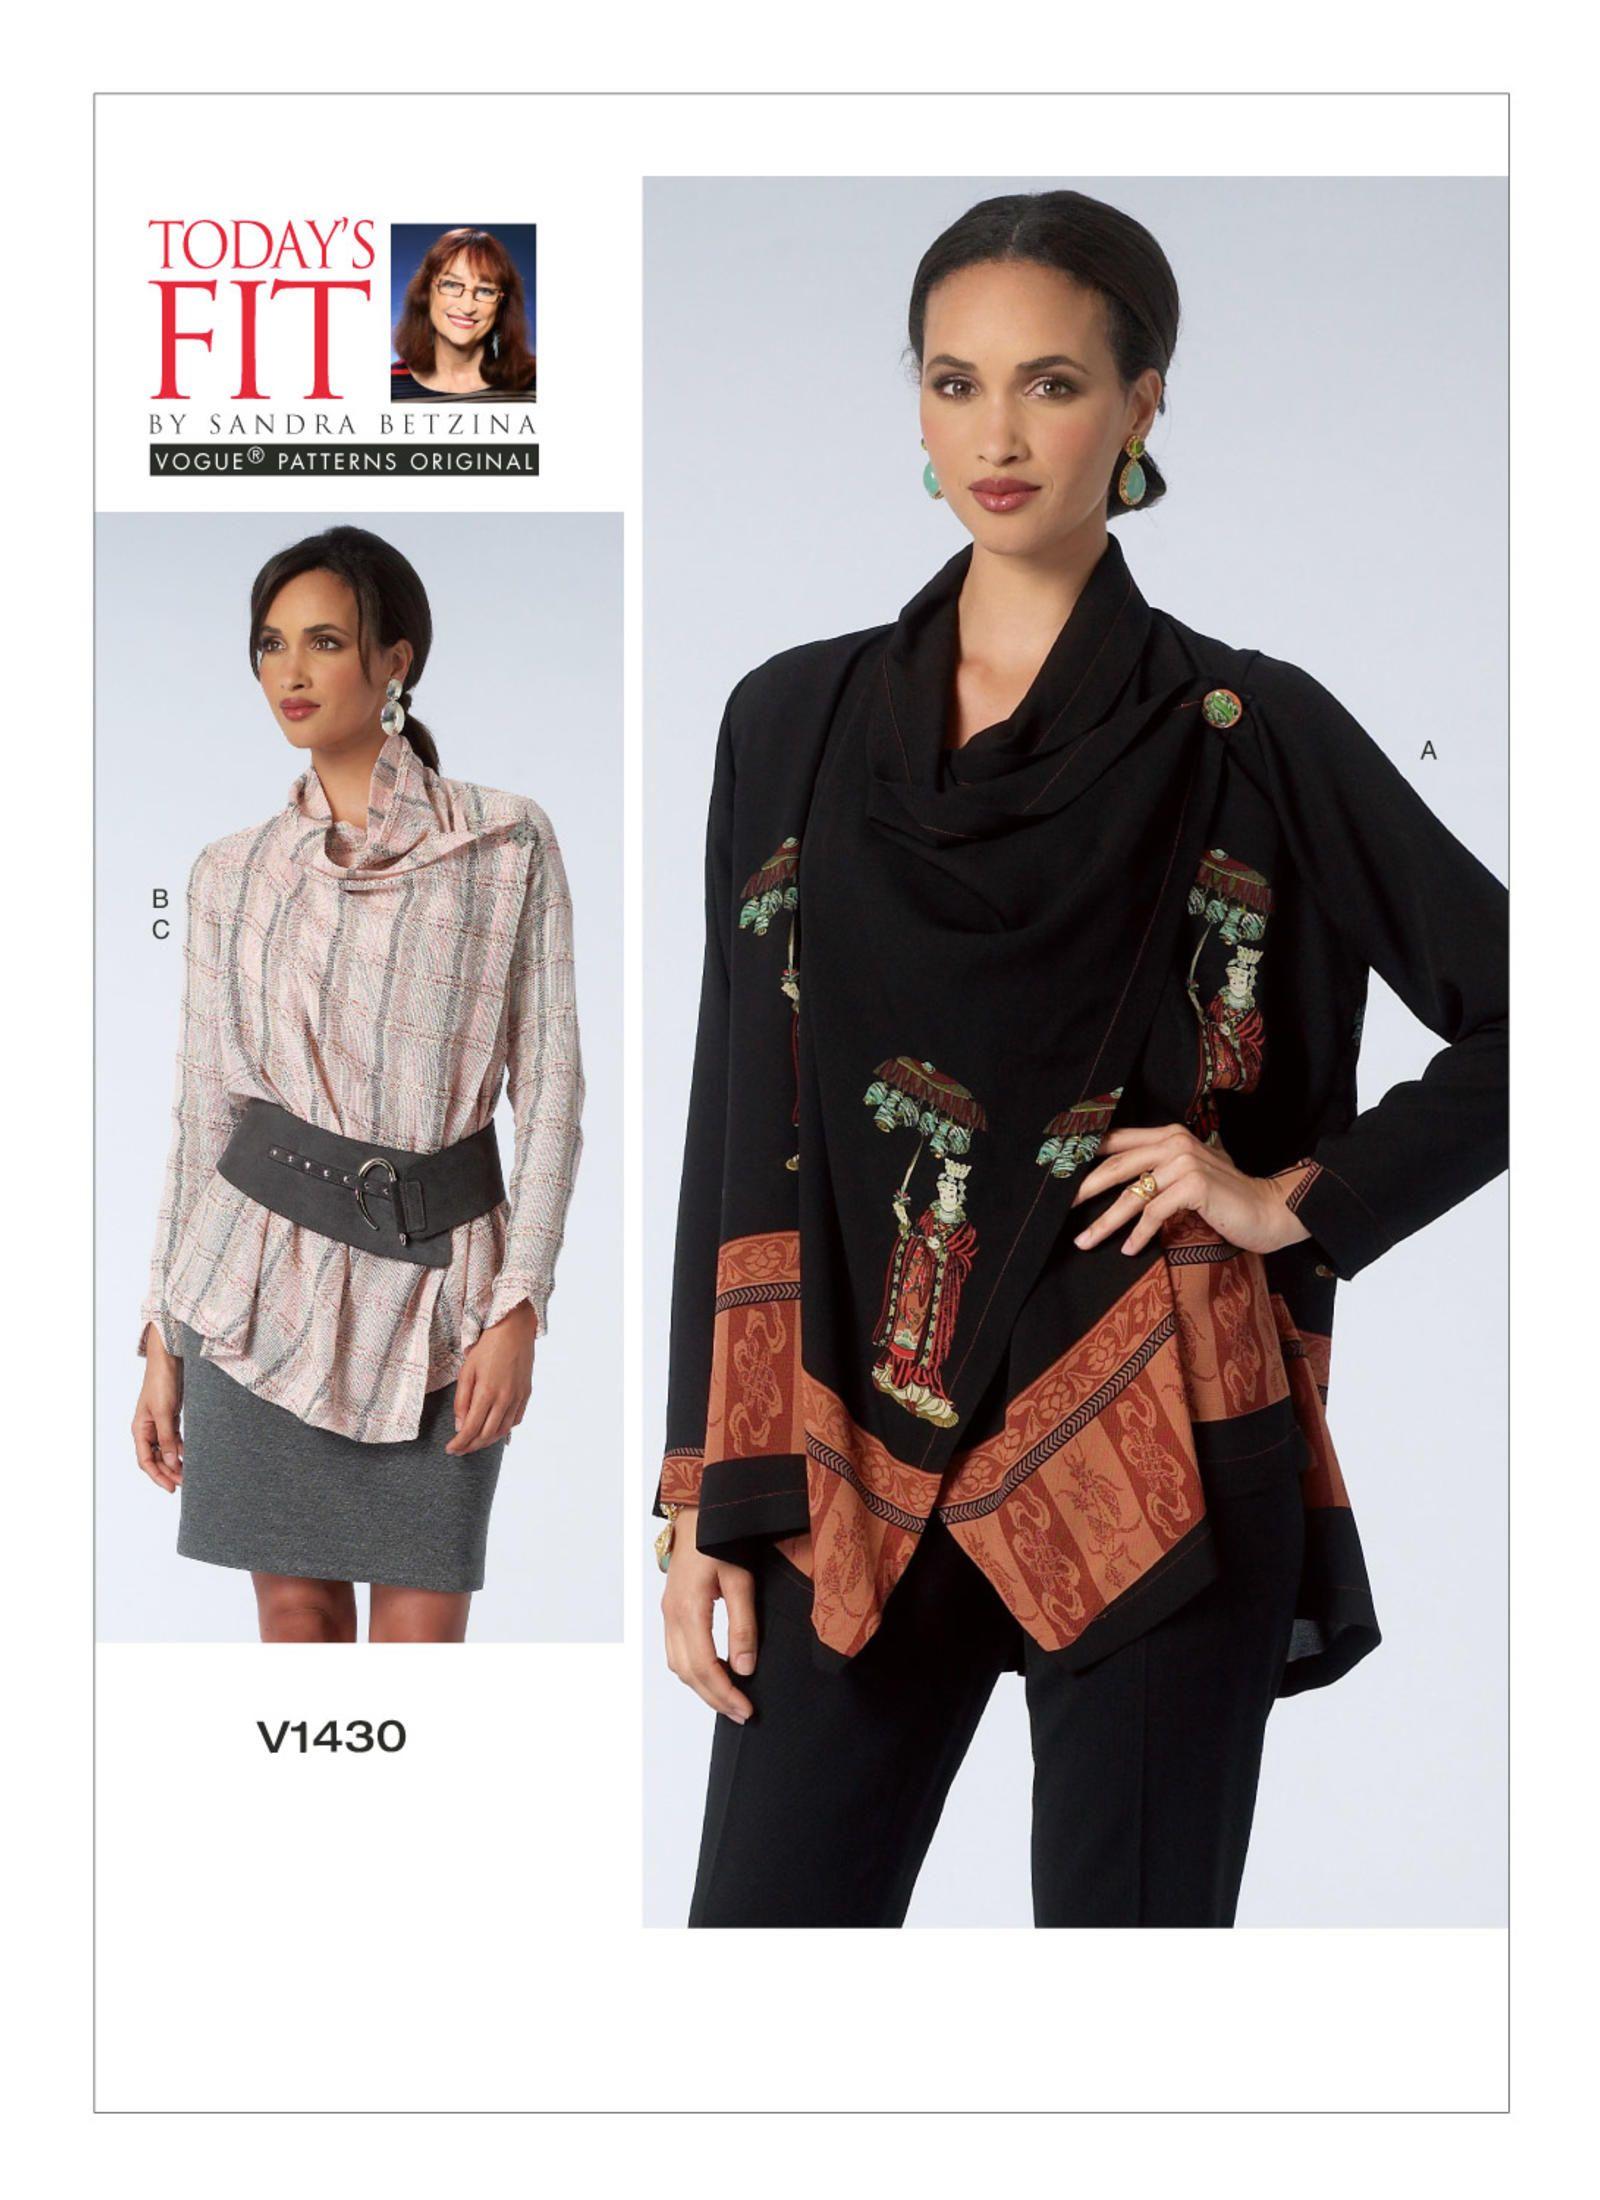 Vogue 1430 DRAPED-COLLAR BLOUSE AND SKIRT. Pattern by Sandra Betzina ...